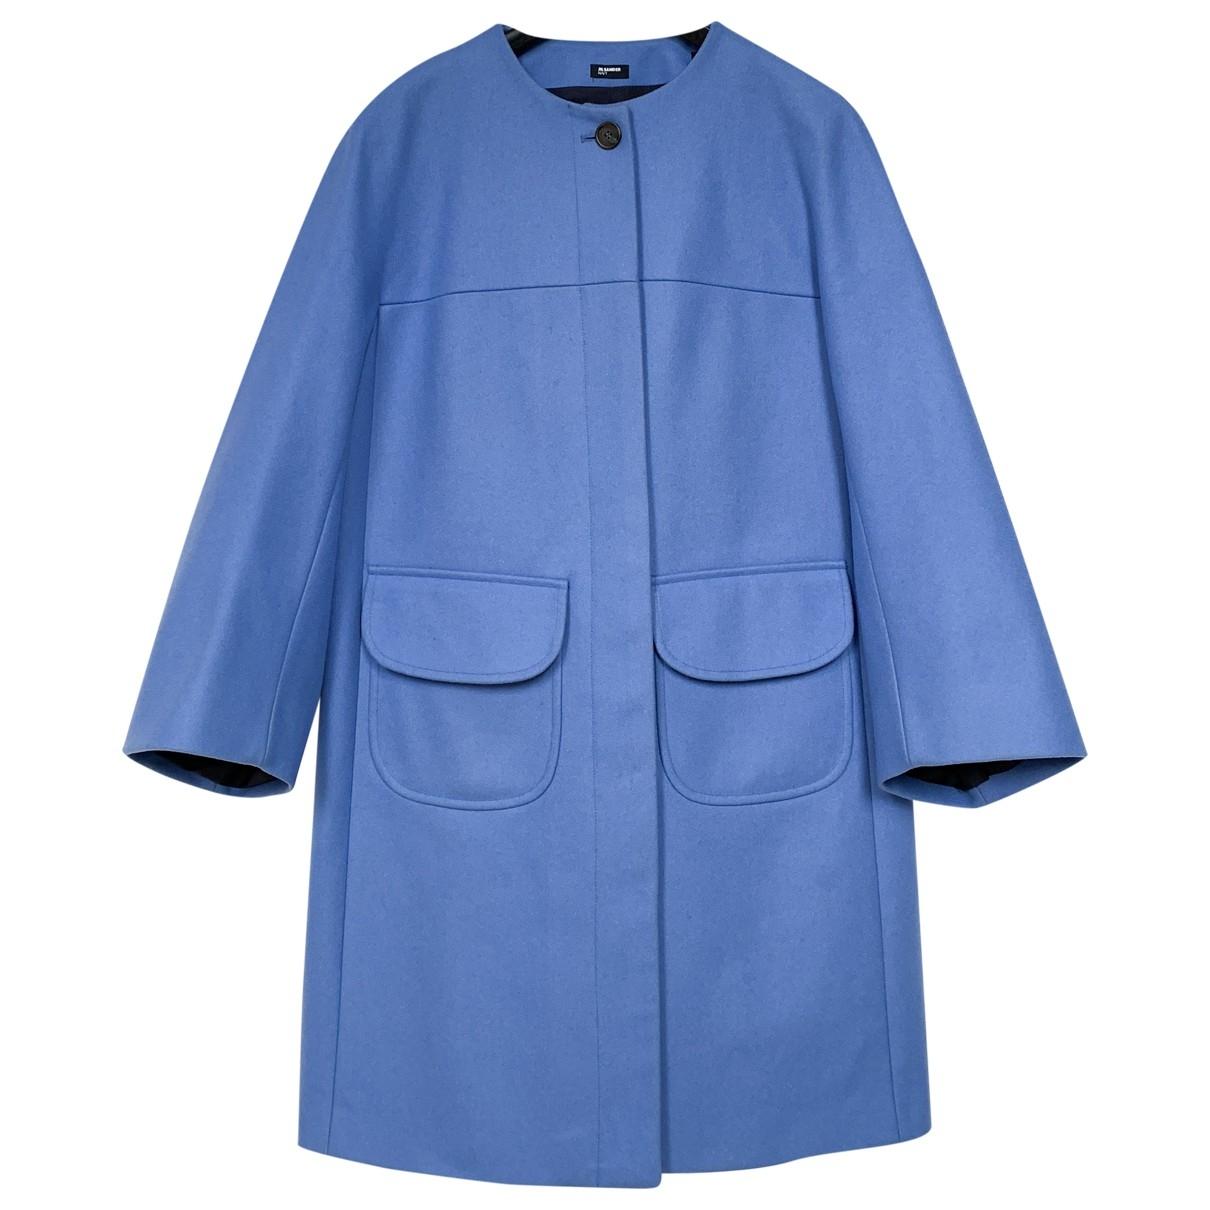 Jil Sander \N Blue Wool coat for Women M International